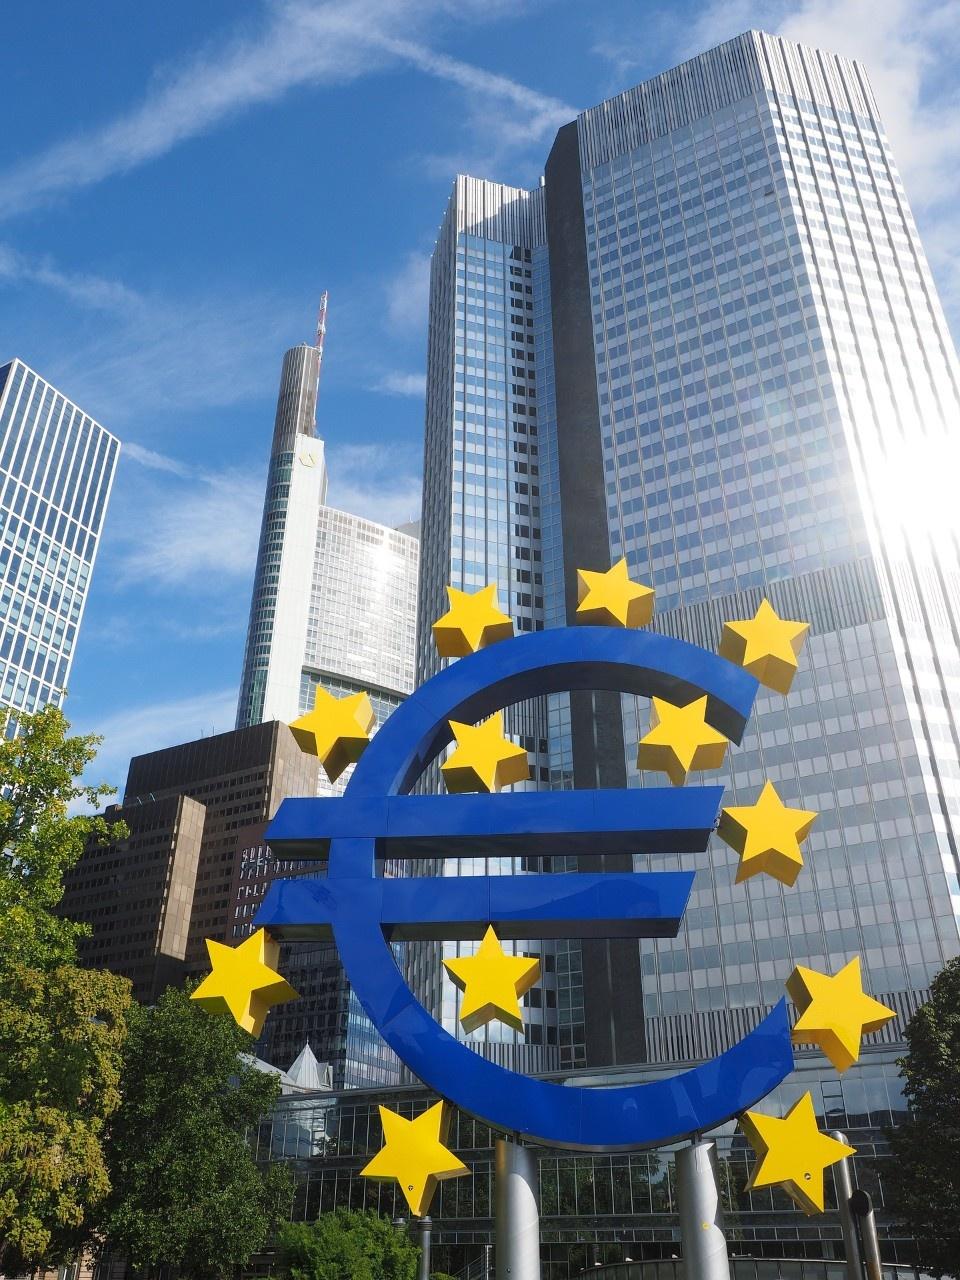 4,6 Milliarden Euro EZB-Strafzinsen für deutsche Banken 2021?